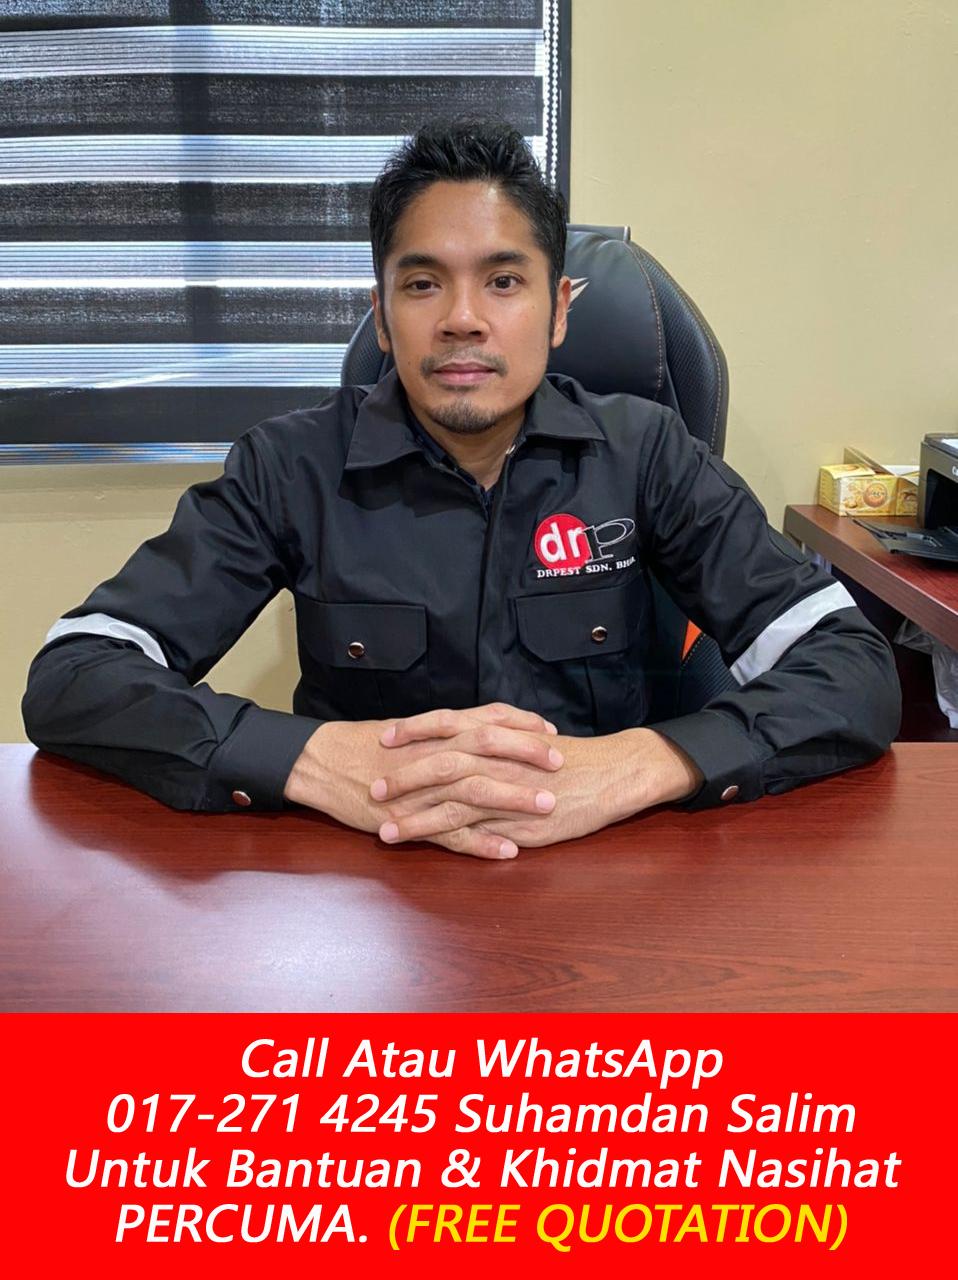 drpest sdn bhd drp maintenance and services syarikat kawalan serangga bumiputra yang berlesen the best company pest control near me area Kampung Imbi kl near me